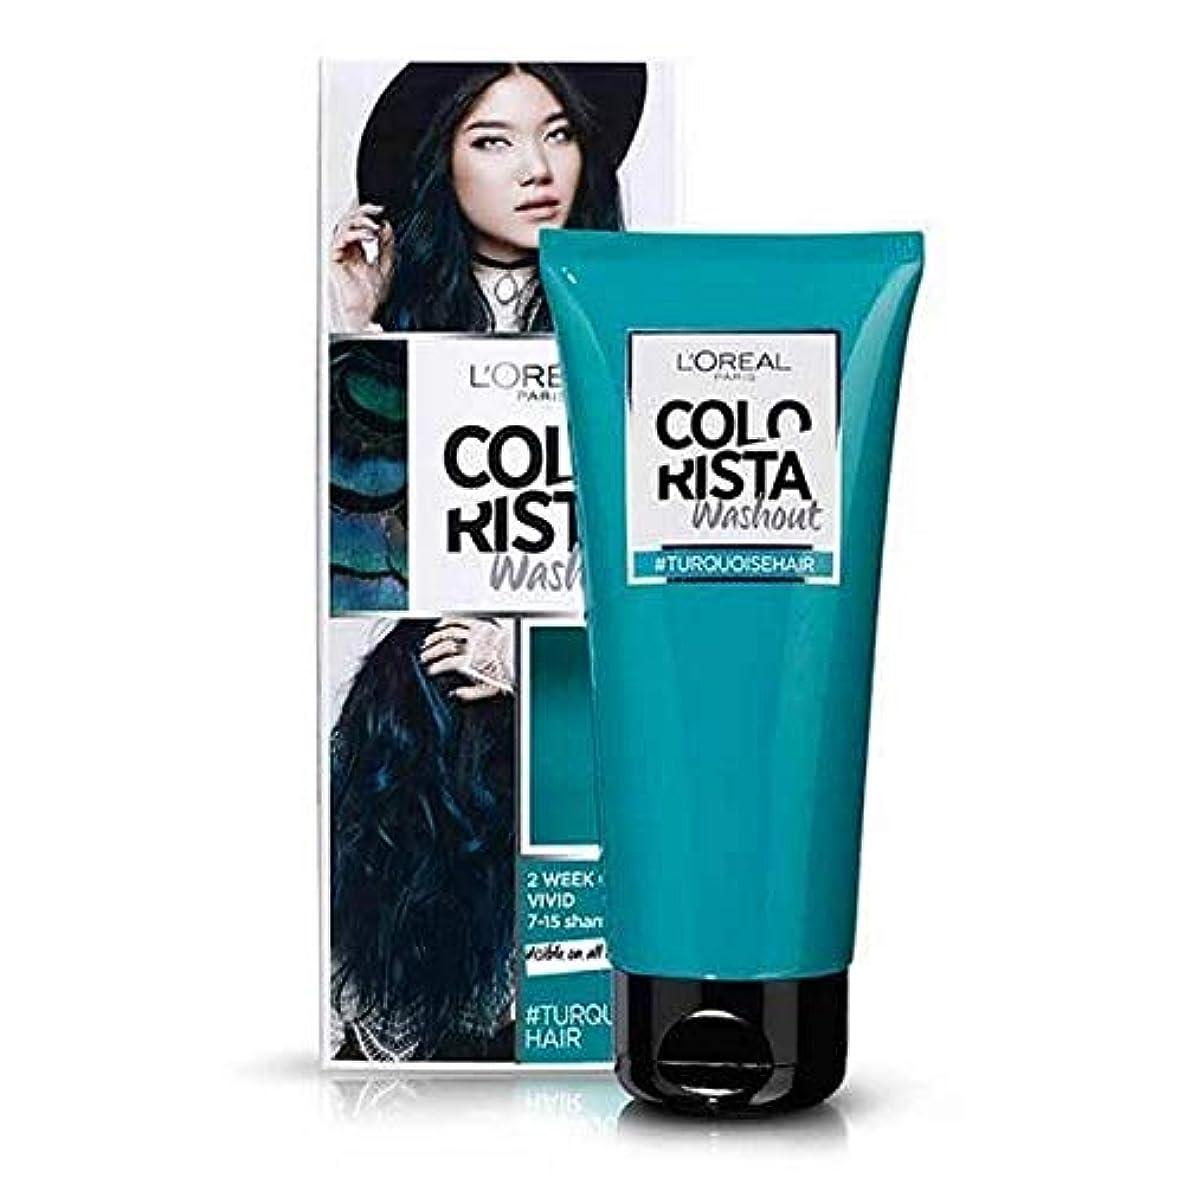 性的強制的ただやる[Colorista] Colorista洗い出しターコイズ半永久染毛剤 - Colorista Washout Turquoise Semi-Permanent Hair Dye [並行輸入品]